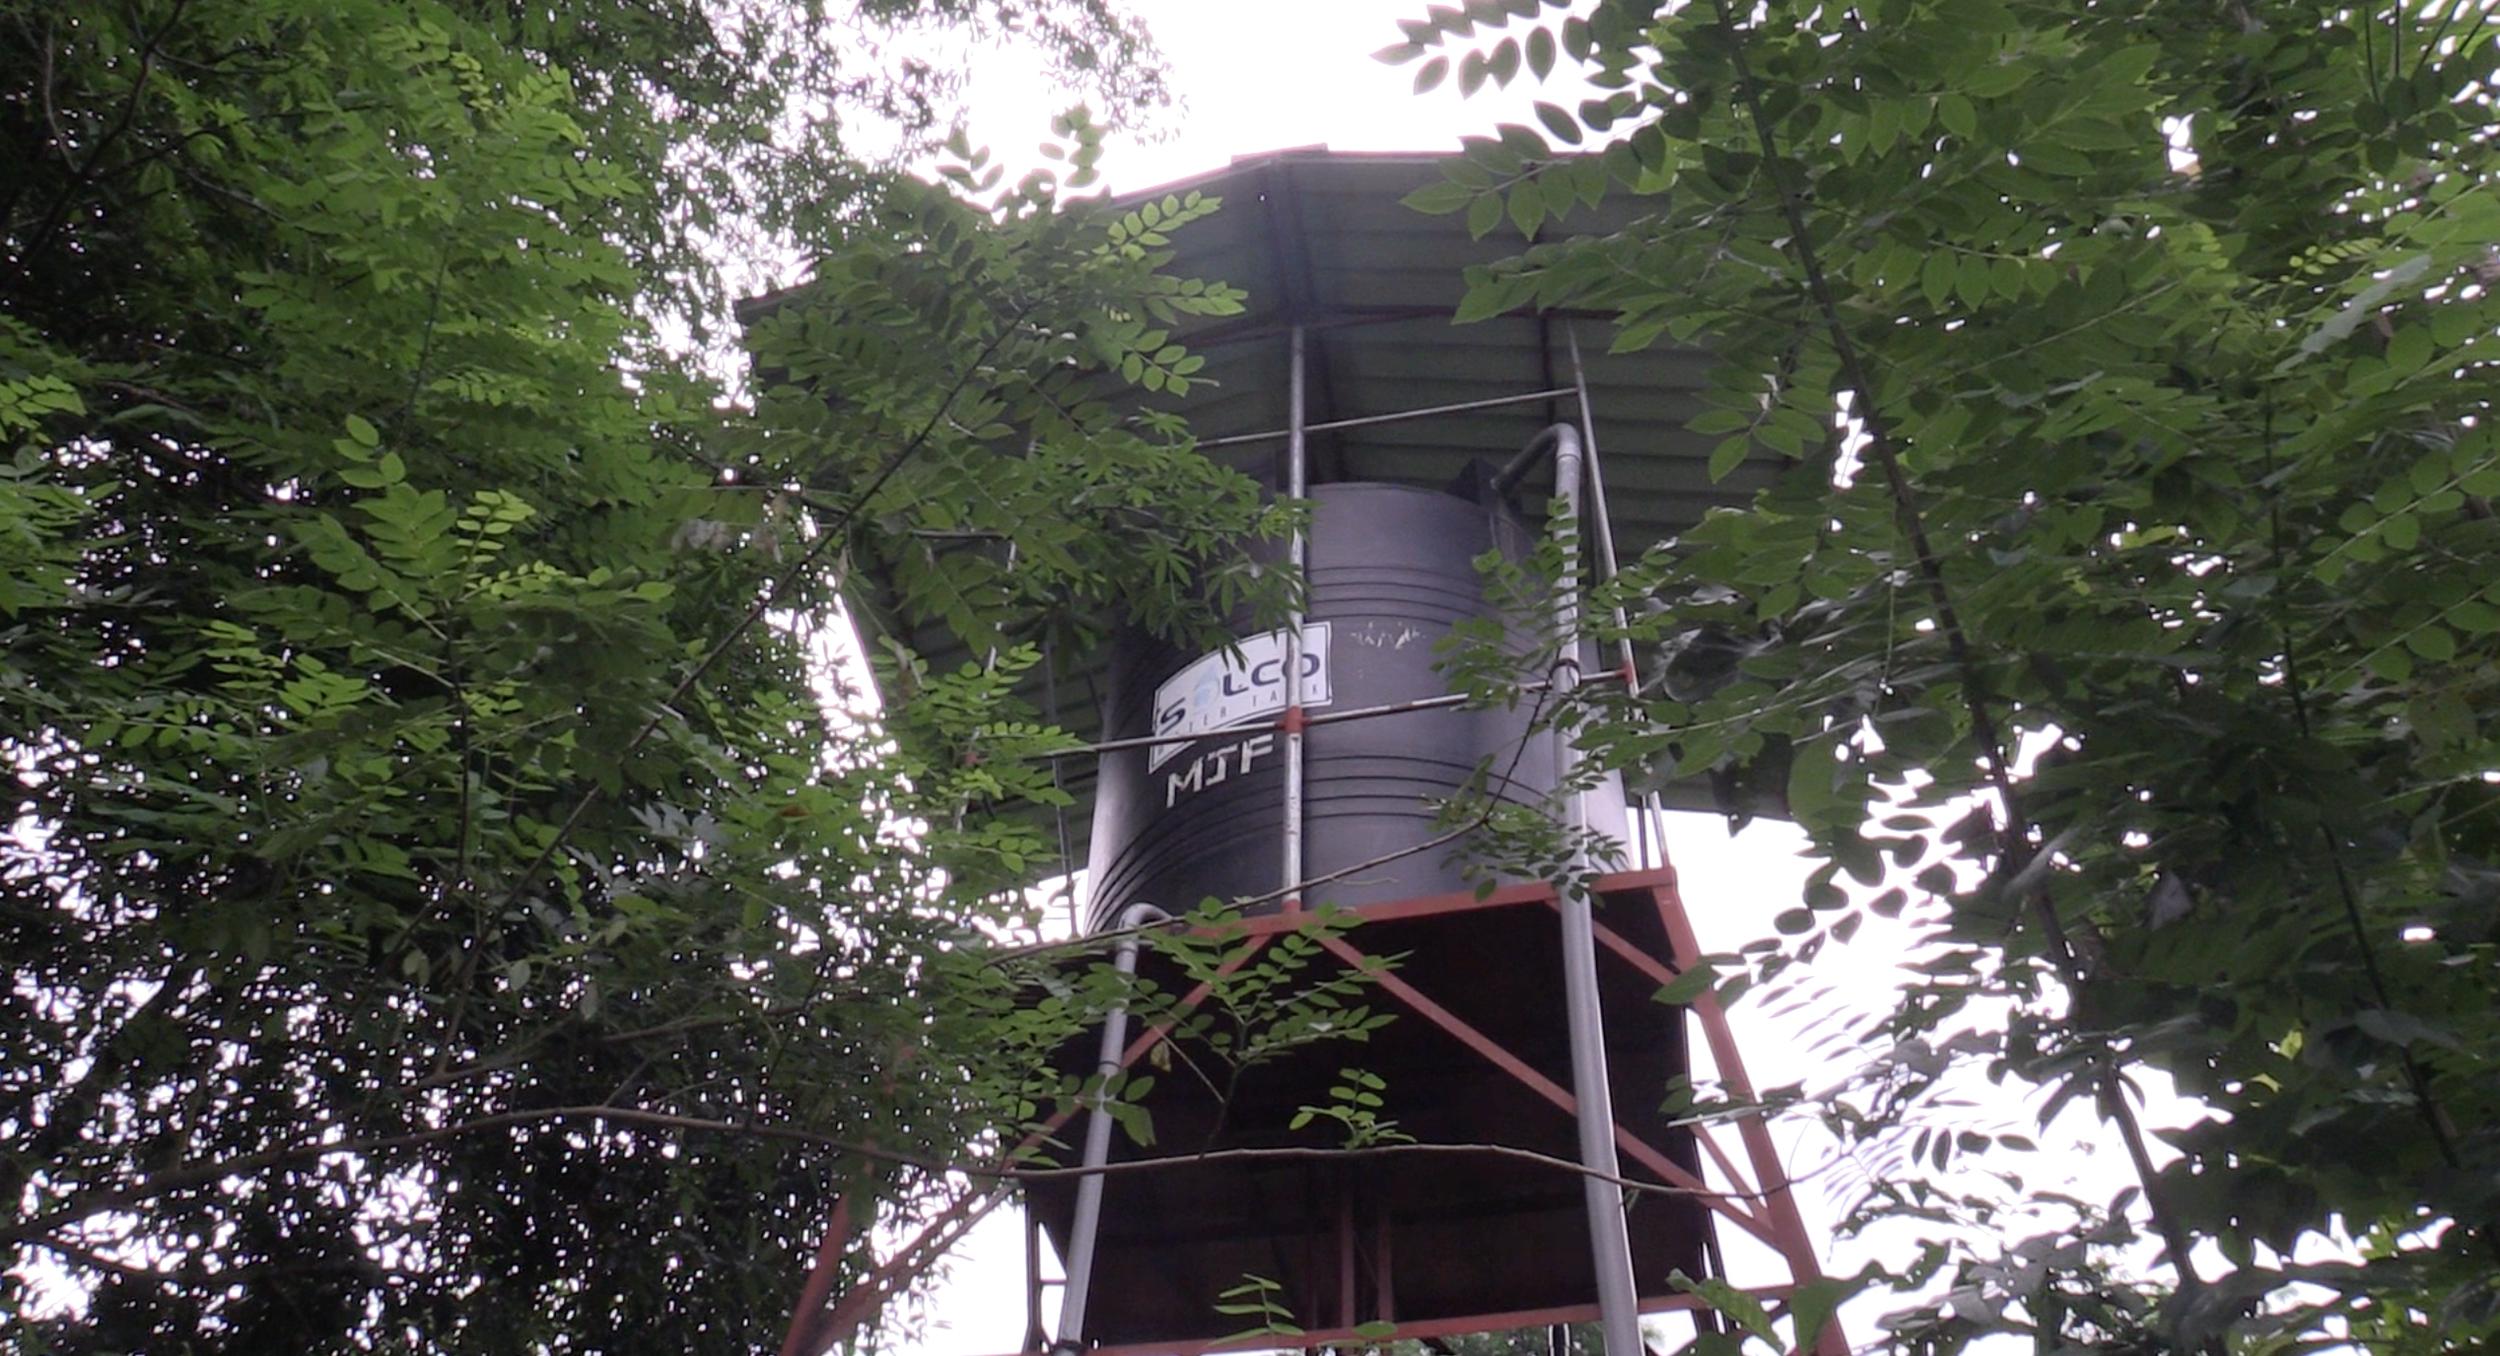 An MJF water tower